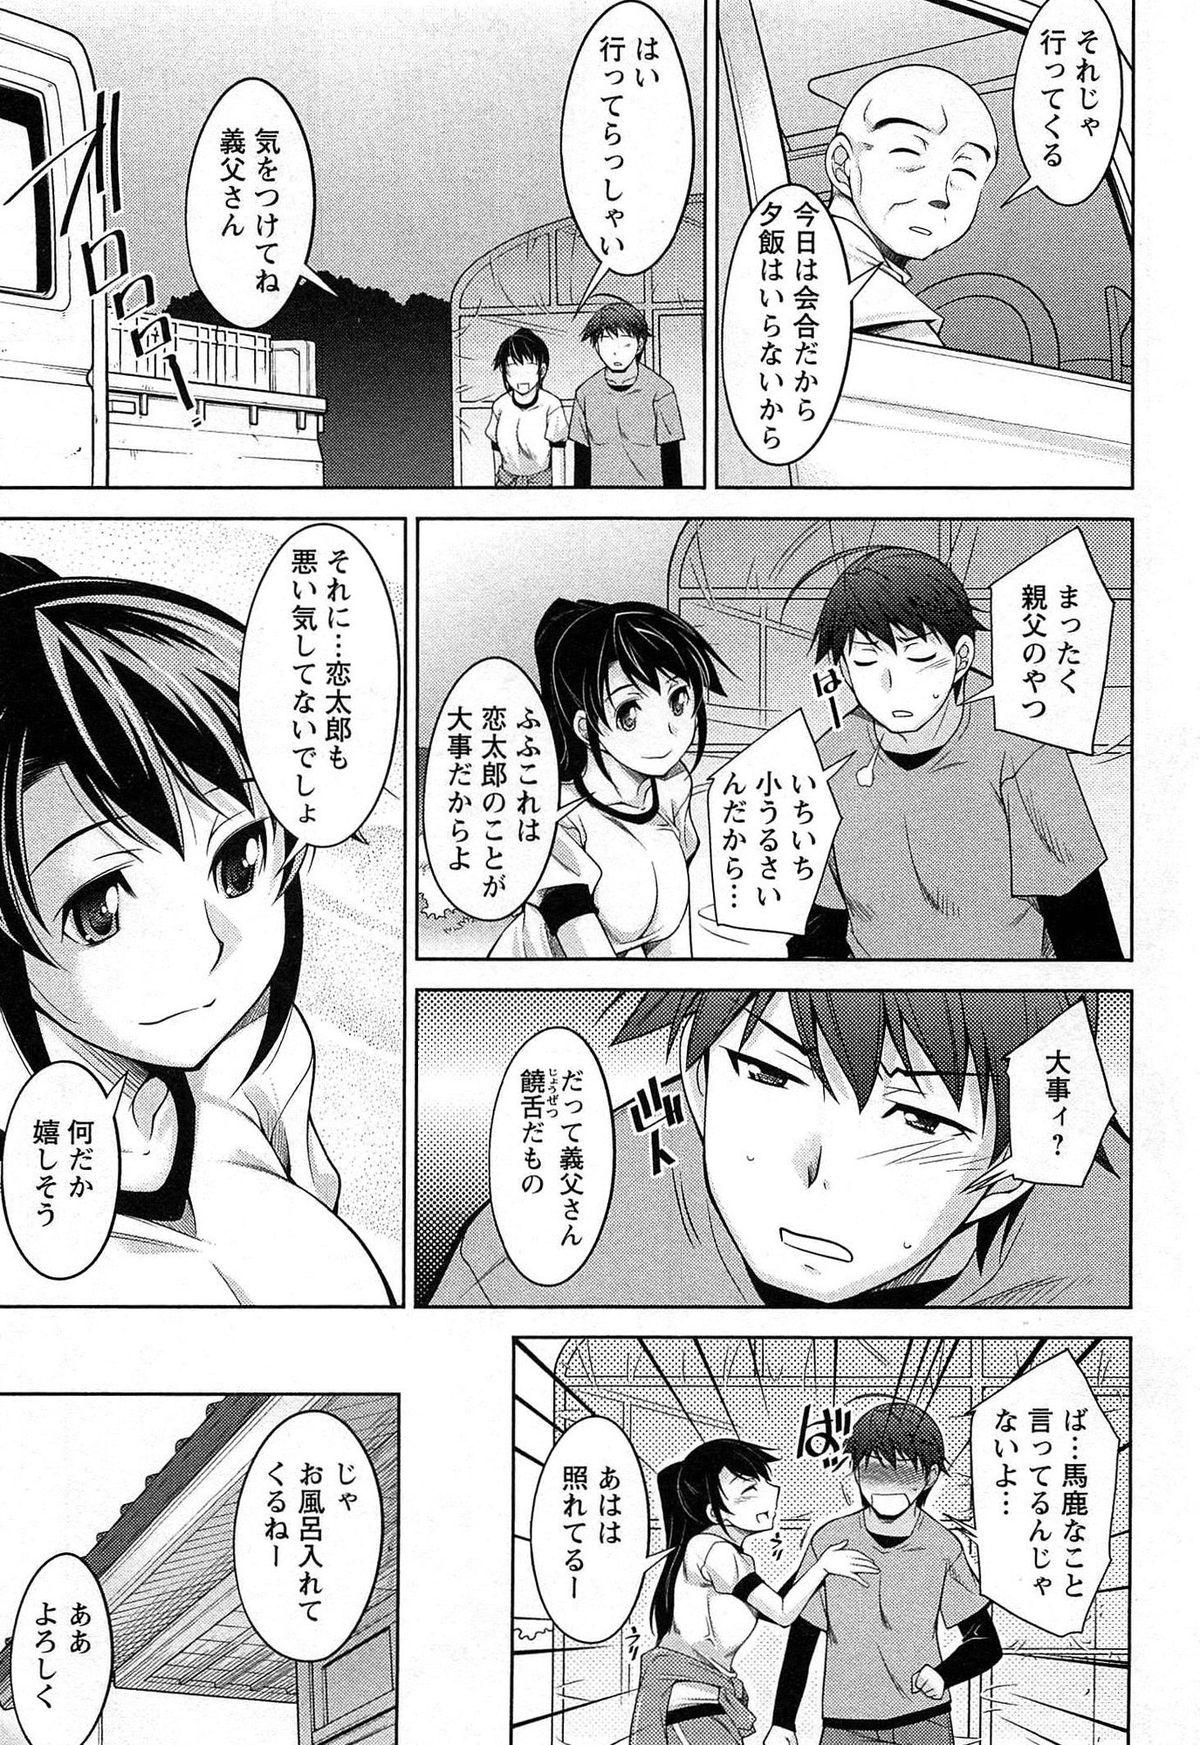 [zen9] Tsuki-wo Ai-Shite - Tsuki-ni Koi-shite 2 81